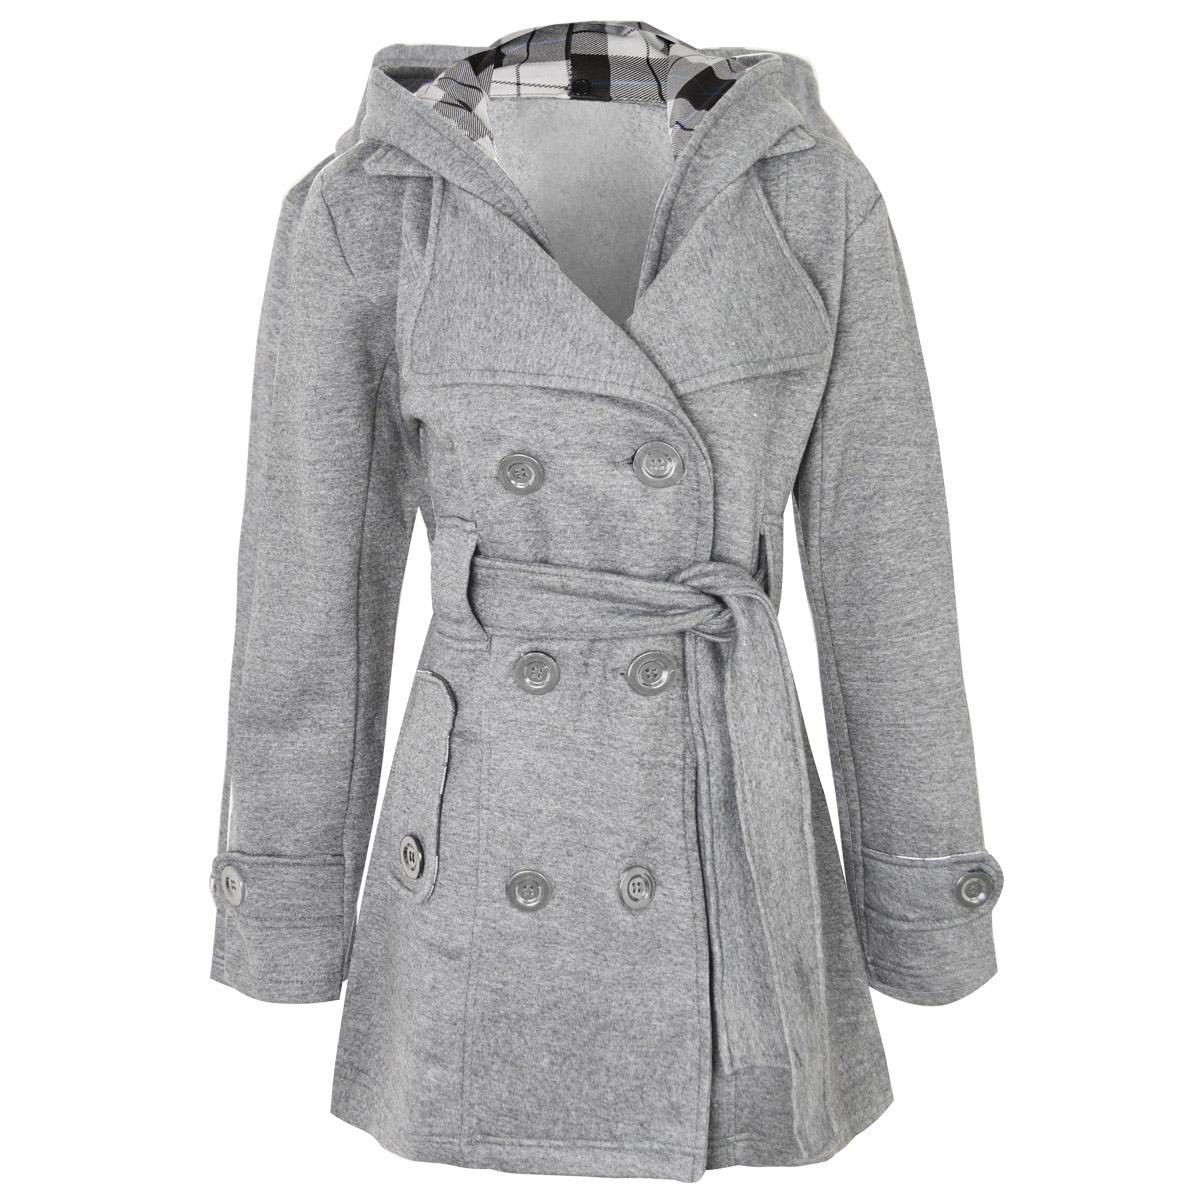 Femme-Femmes-Veste-a-manches-longues-Manteau-Blouson-Cuir-Synthetique-Clous-court-trench-taille